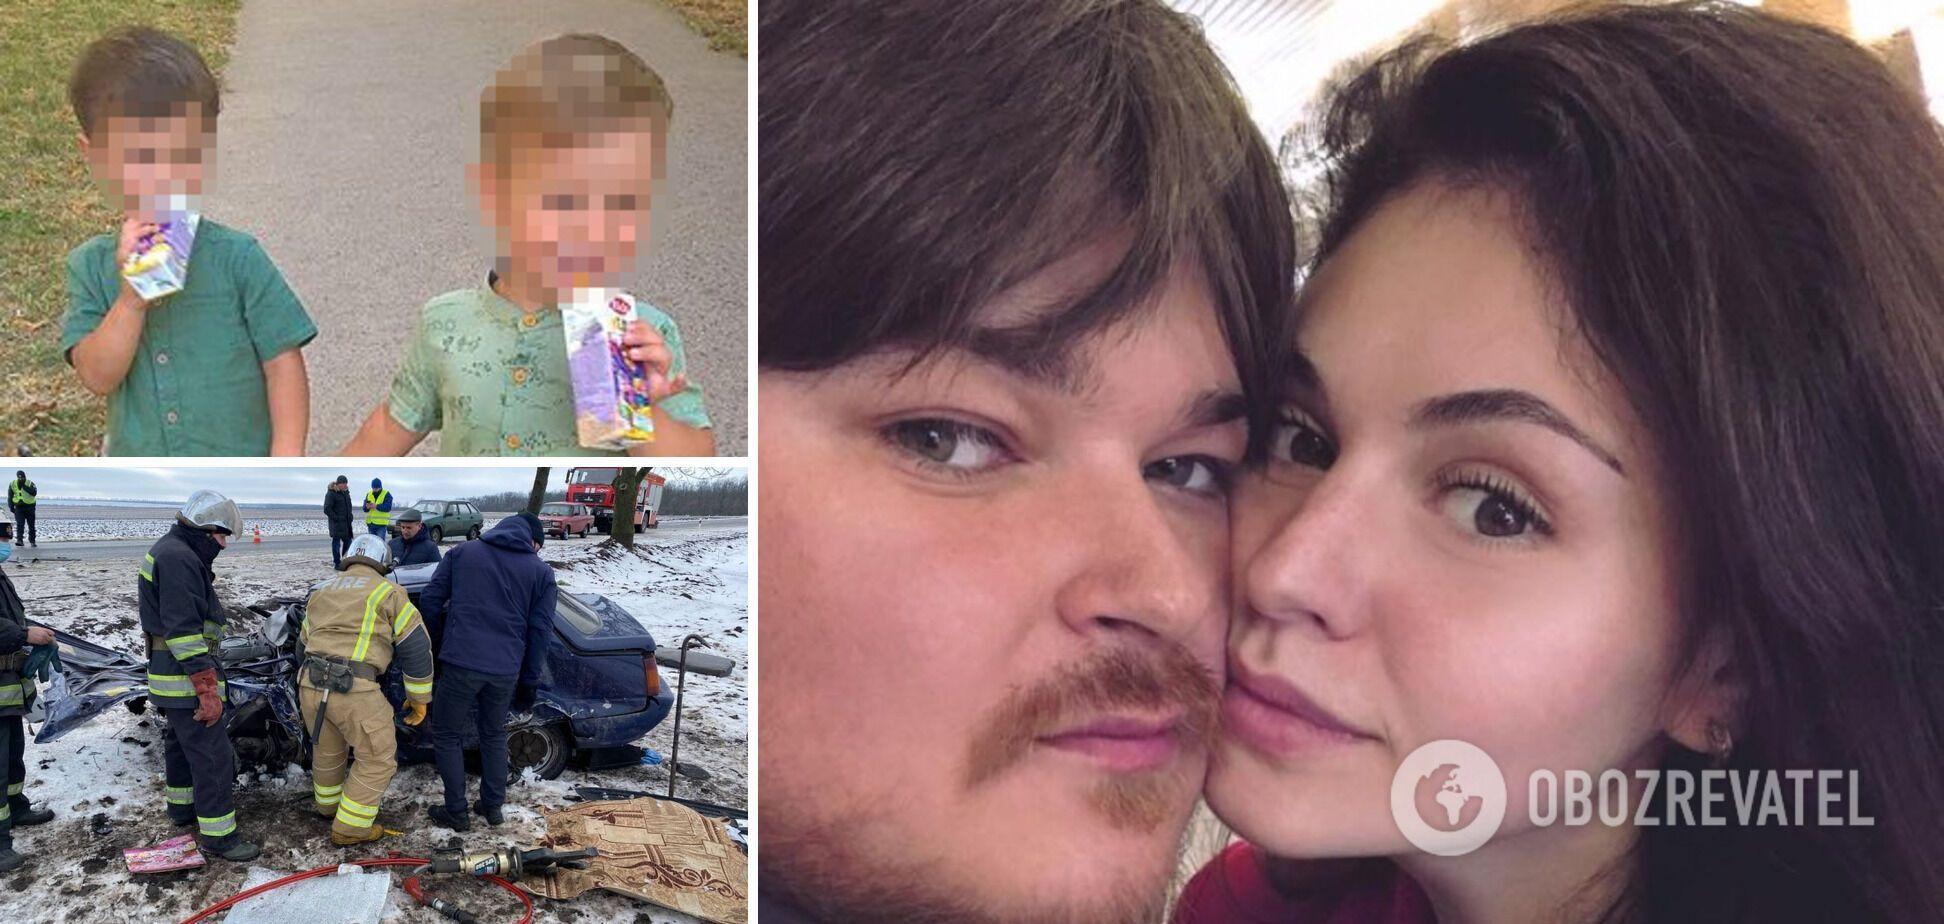 На Кіровоградщині джип на єврономерах убив музиканта, а його дружина в реанімації: подробиці трагедії